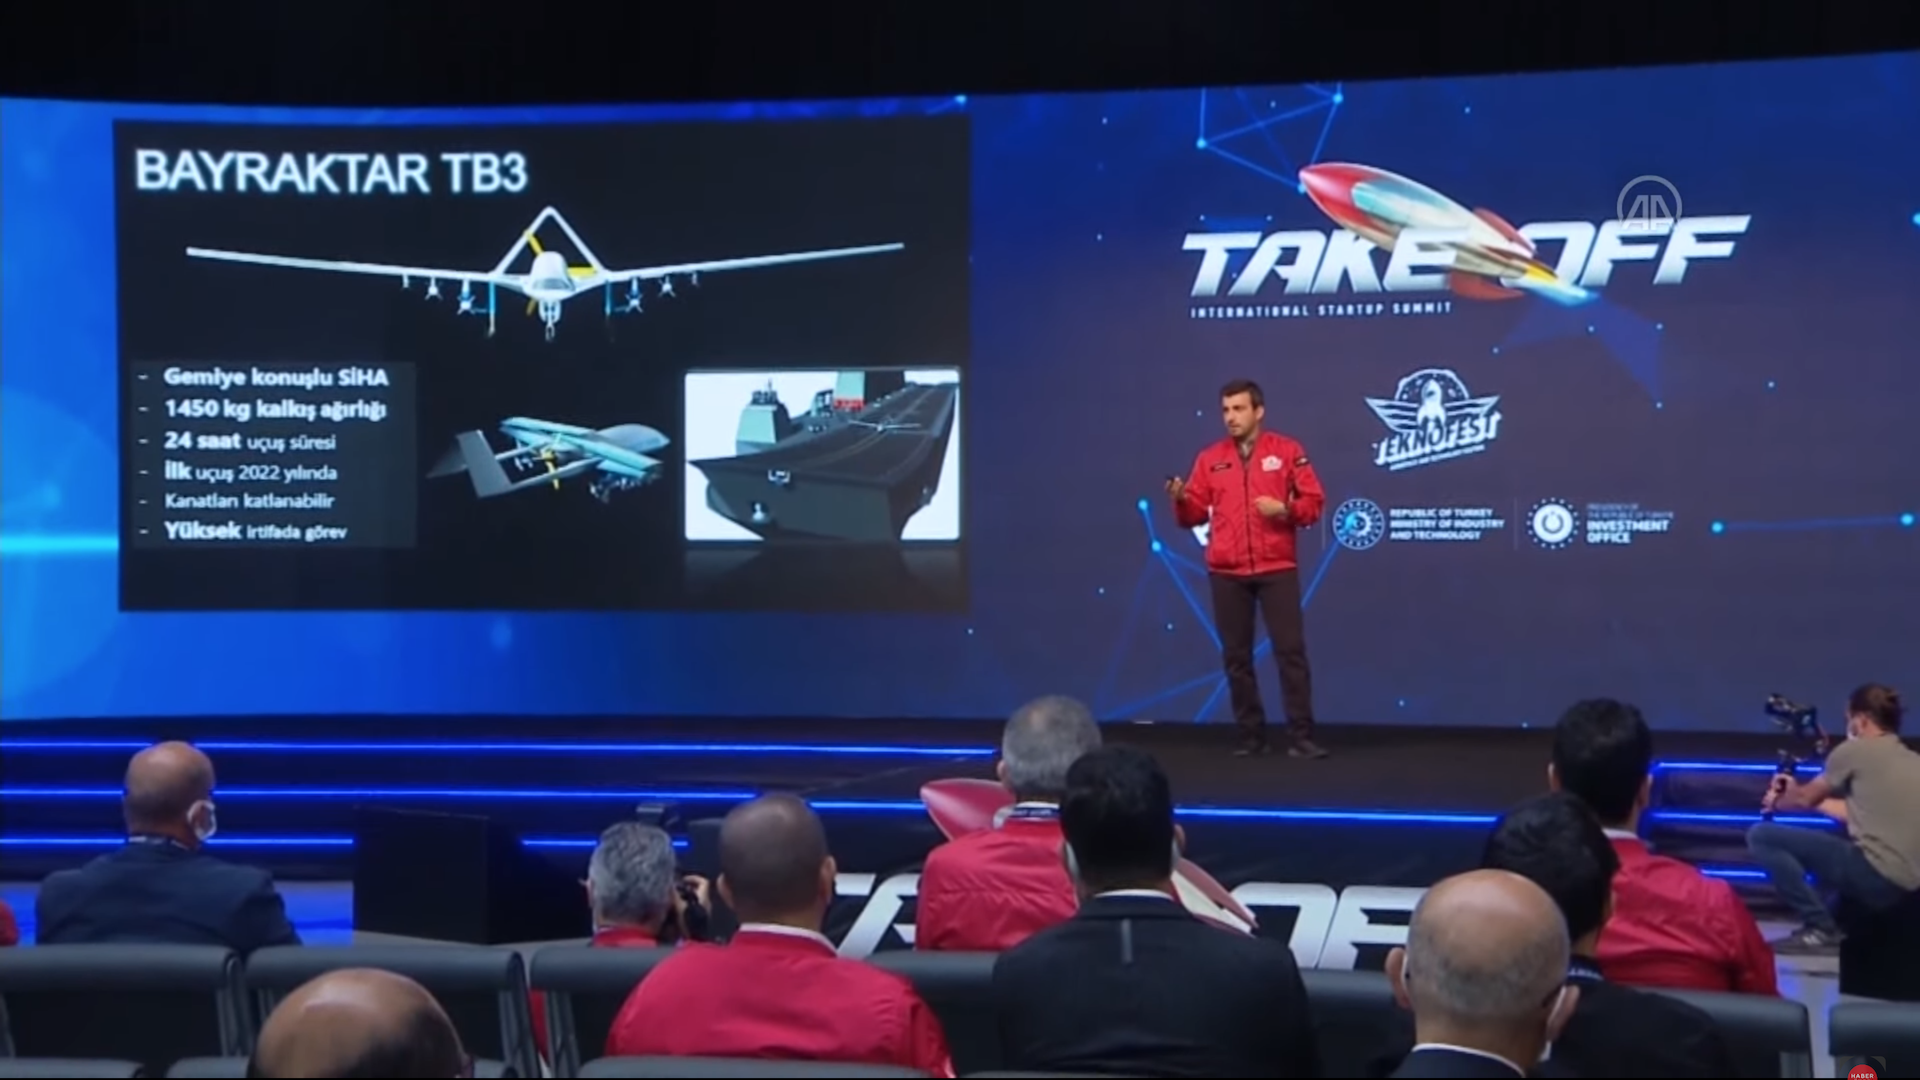 土耳其武裝無人機 Bayraktar TB3 可望明年首飛 航程可達數千公里